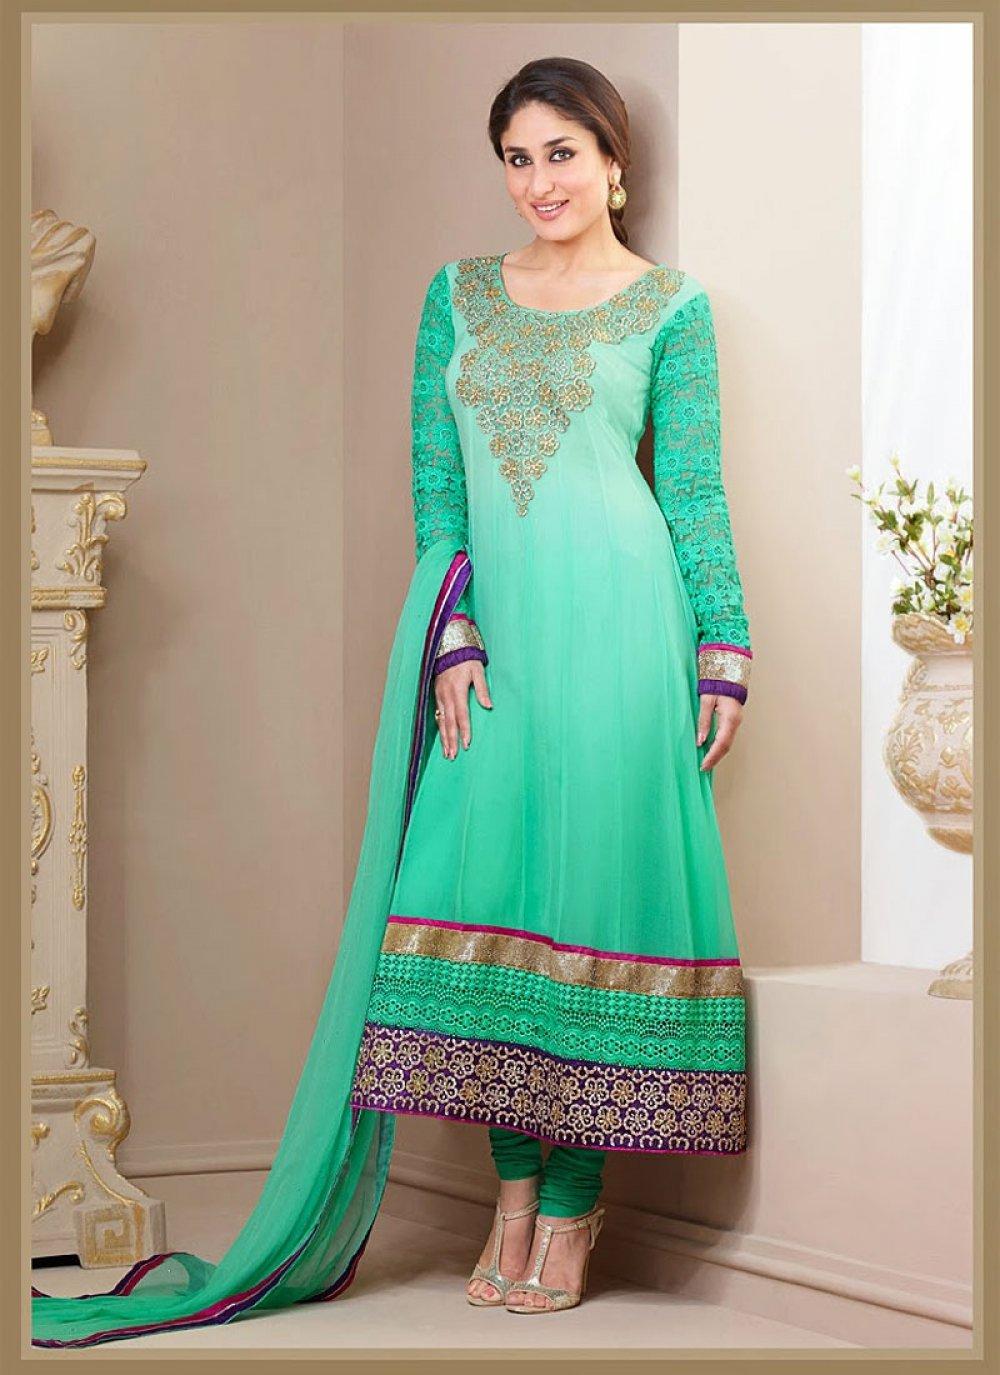 Kareena Kapoor Turquoise Pure Georgette Churidar Suit